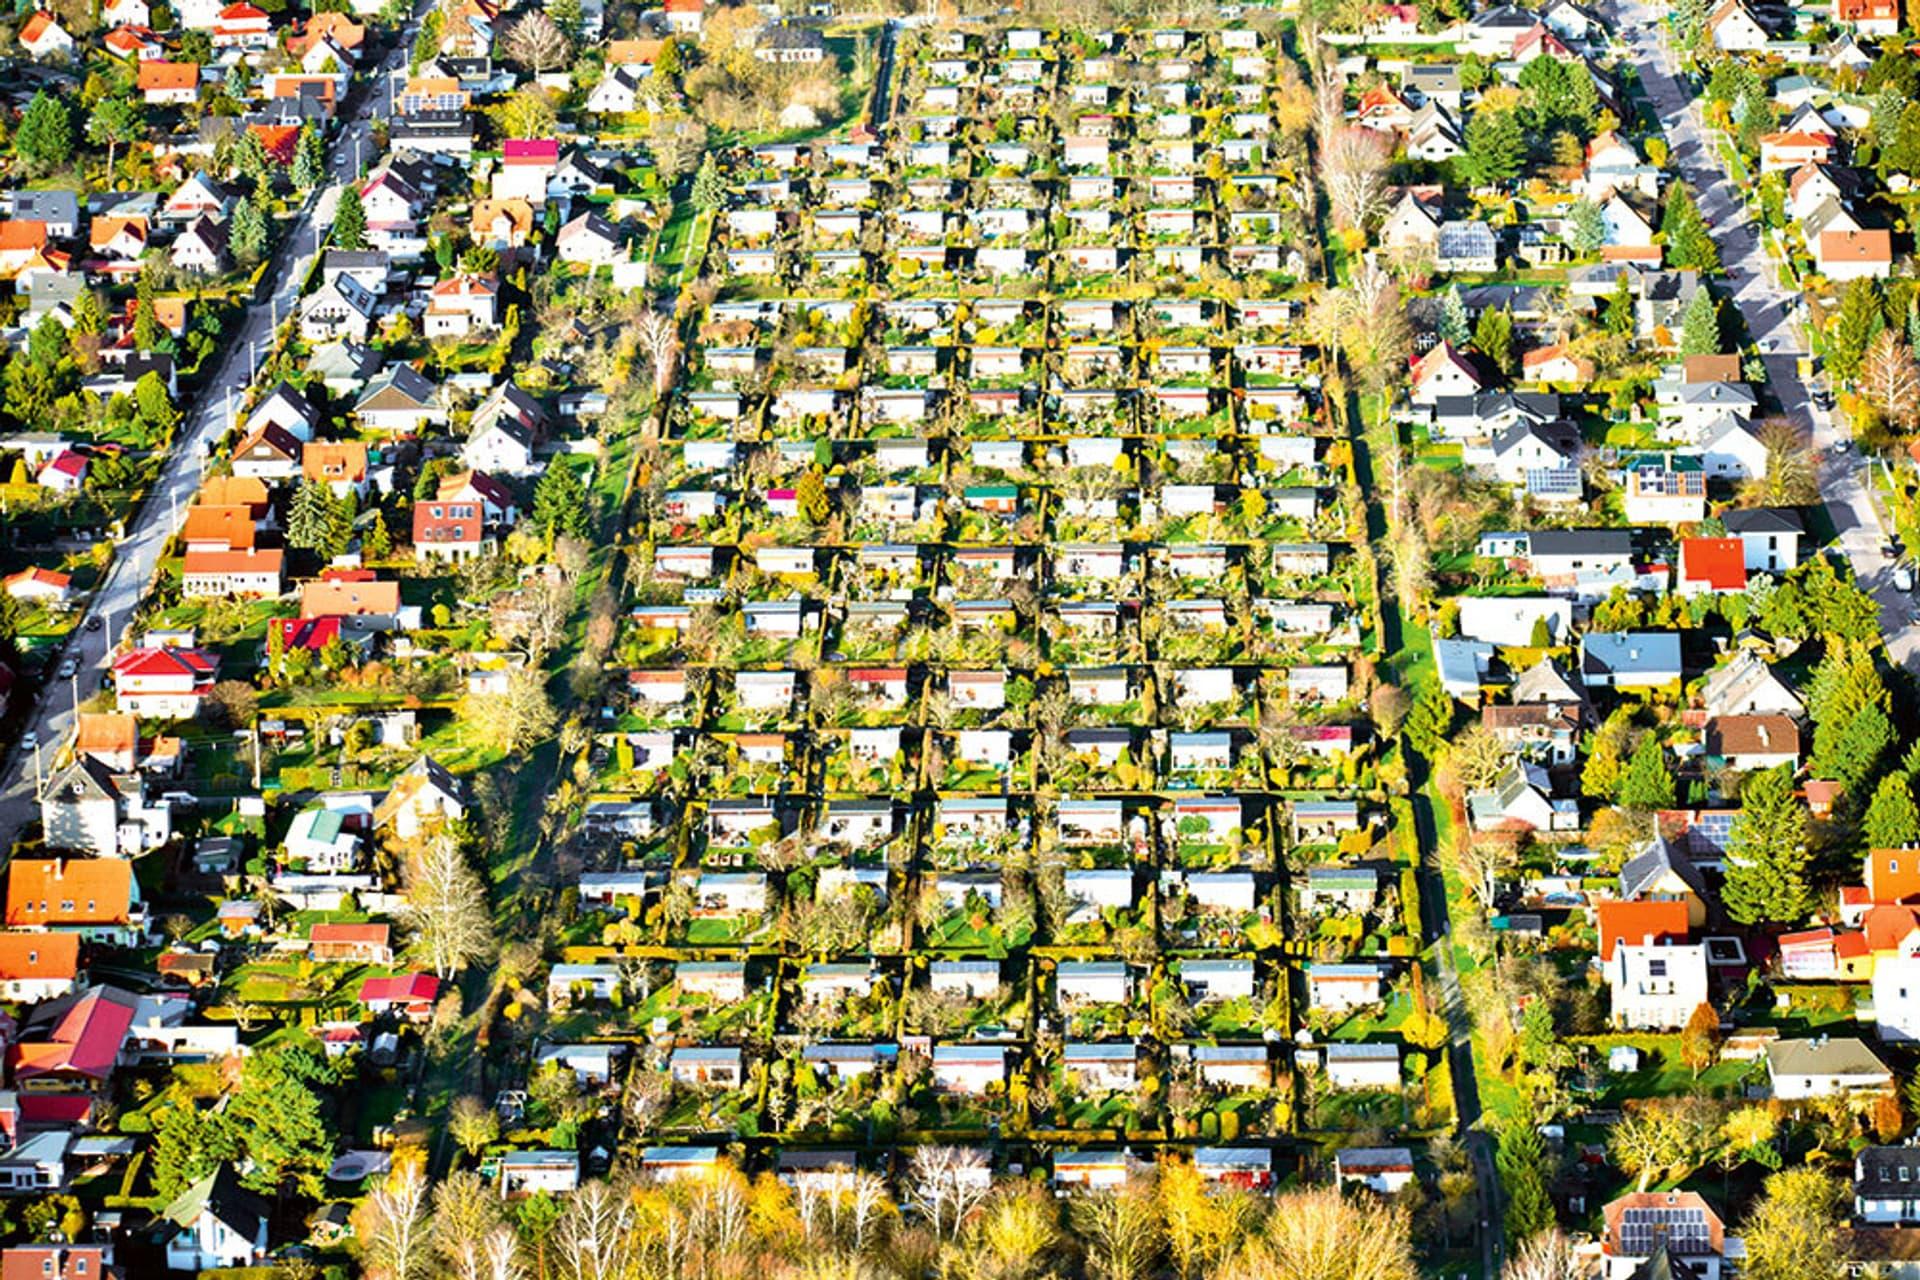 Kleingartenanlage aus der Vogelperspektive: ca. 7 x 15 Parzellen mit je einer Gartenlaube. Am rechten und linken Bildrand: Wohnhäuser mit Hausgärten